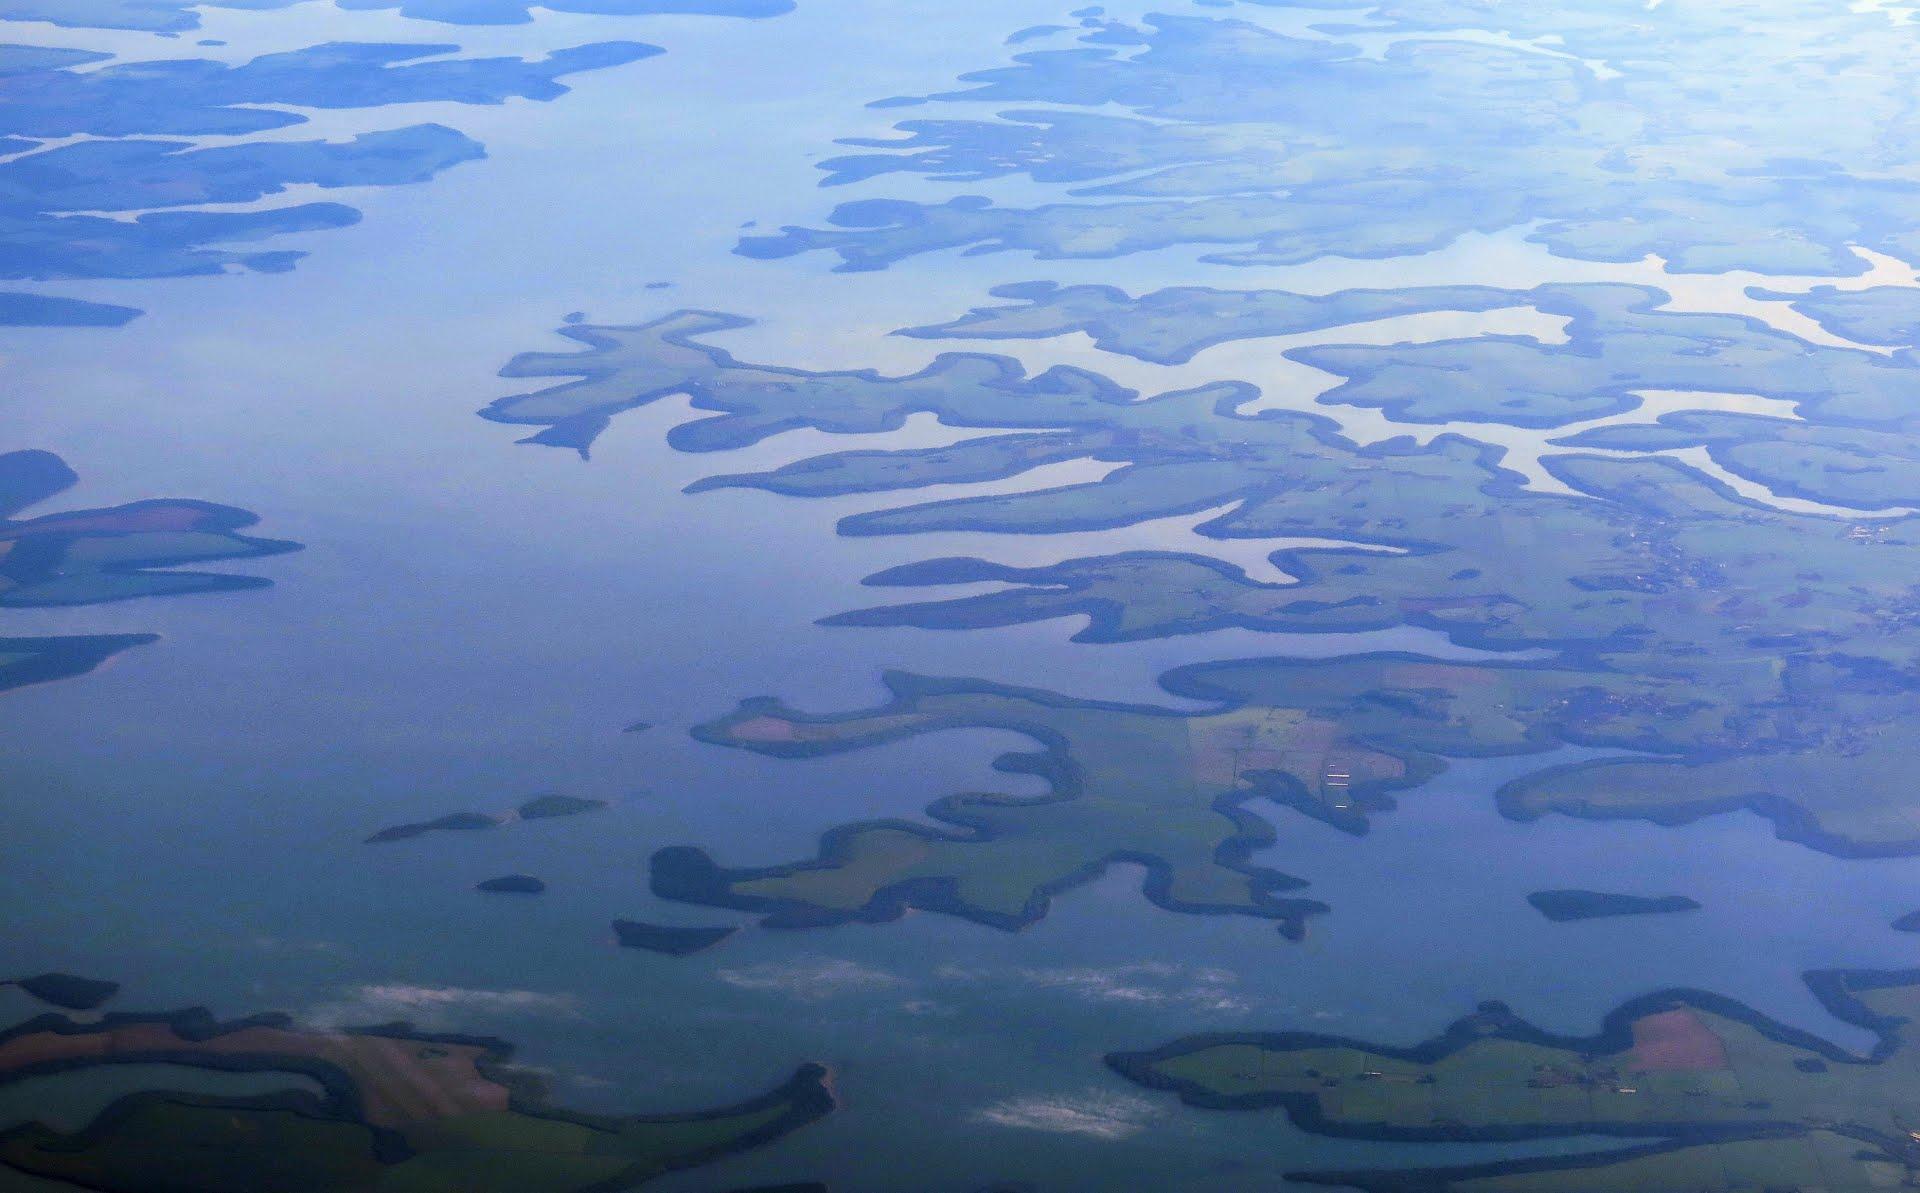 Salto de Sete Quedas: a maravilha natural inundada por um lago artificial 10